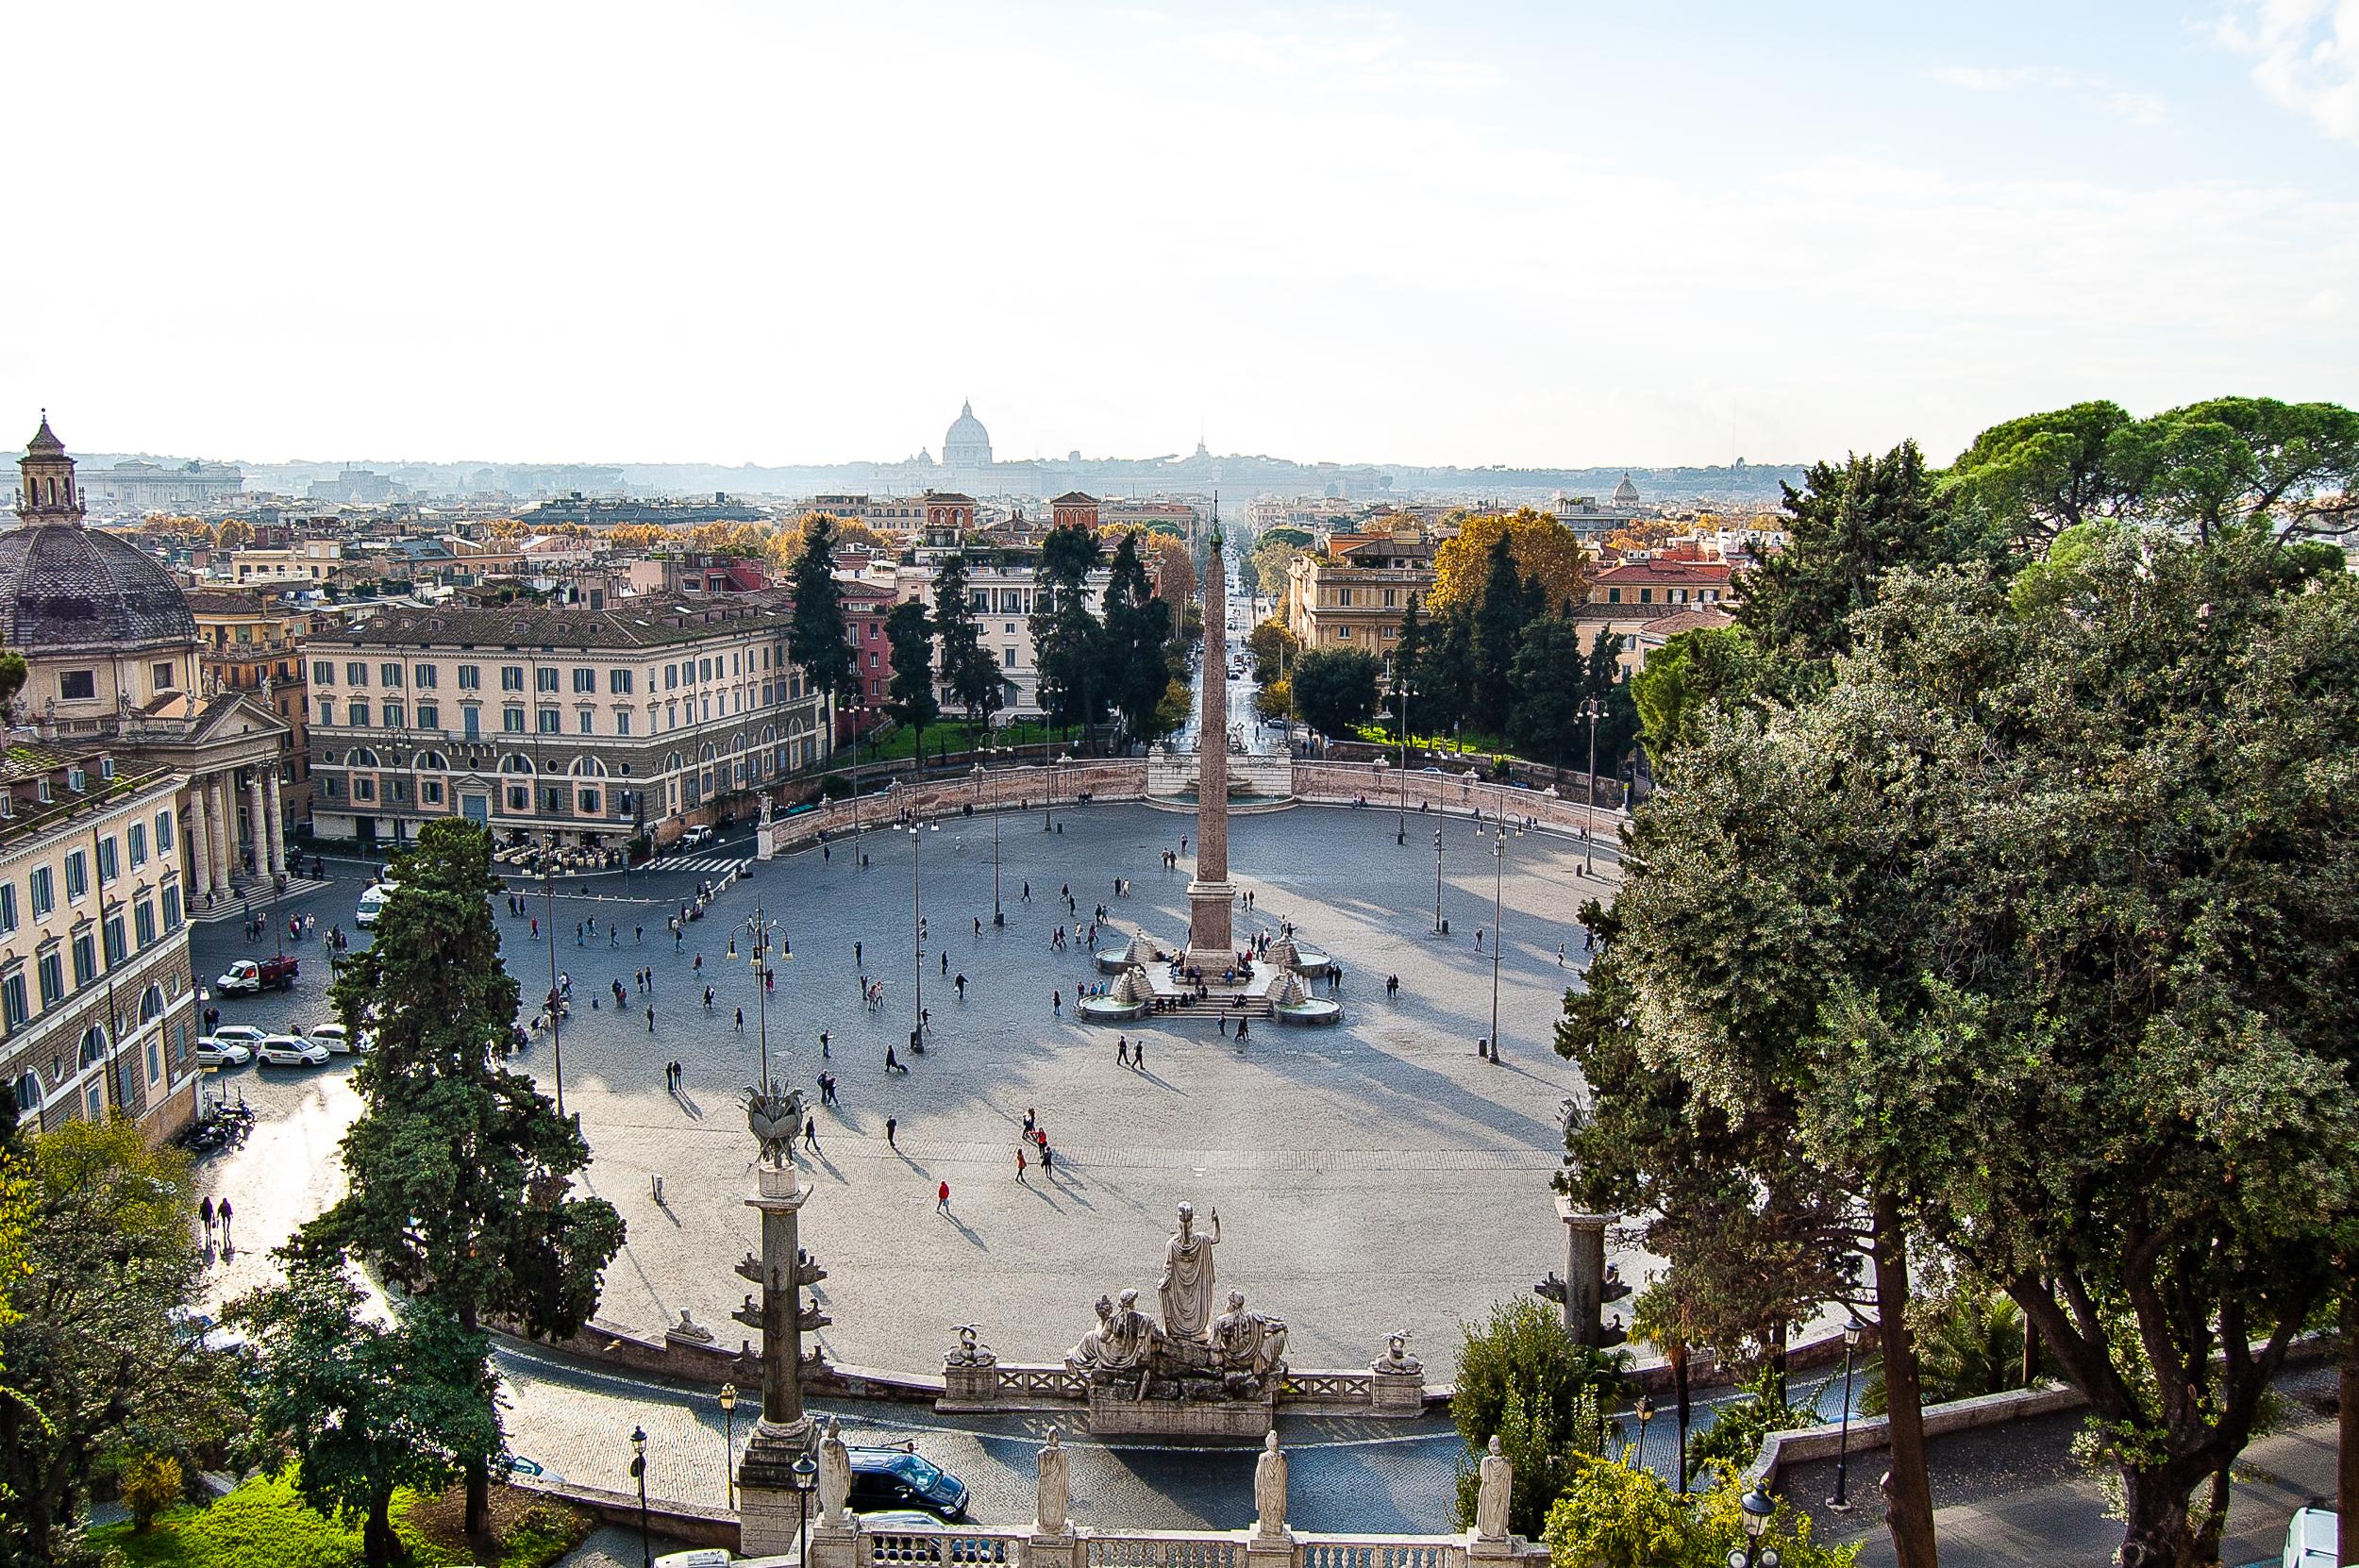 Piazza del Popolo from the Terrazza del Pincio Rome Italy